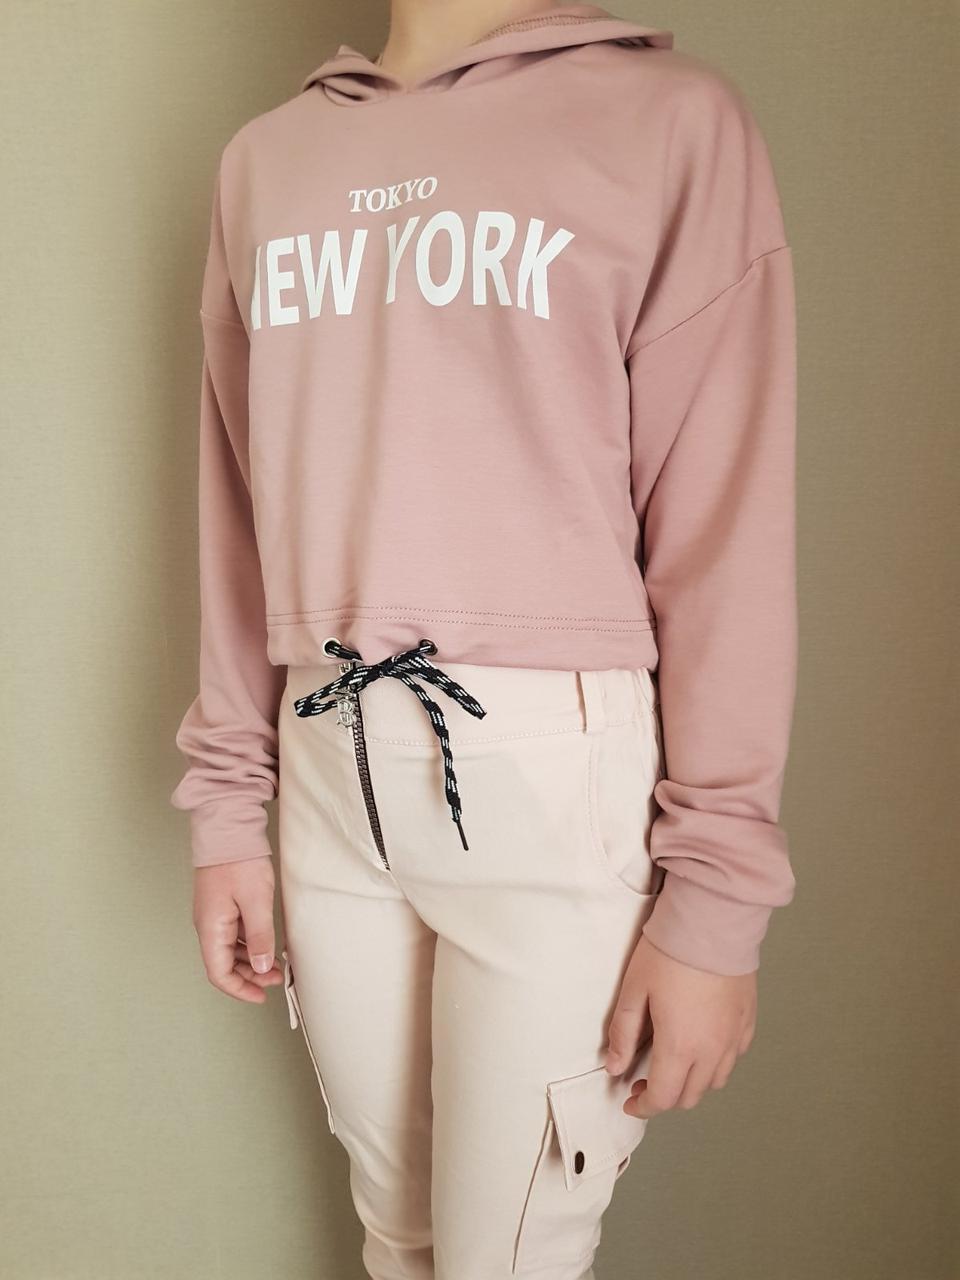 {есть:128,140} Комплект New York для девочек,  Артикул: KS3561 [128]